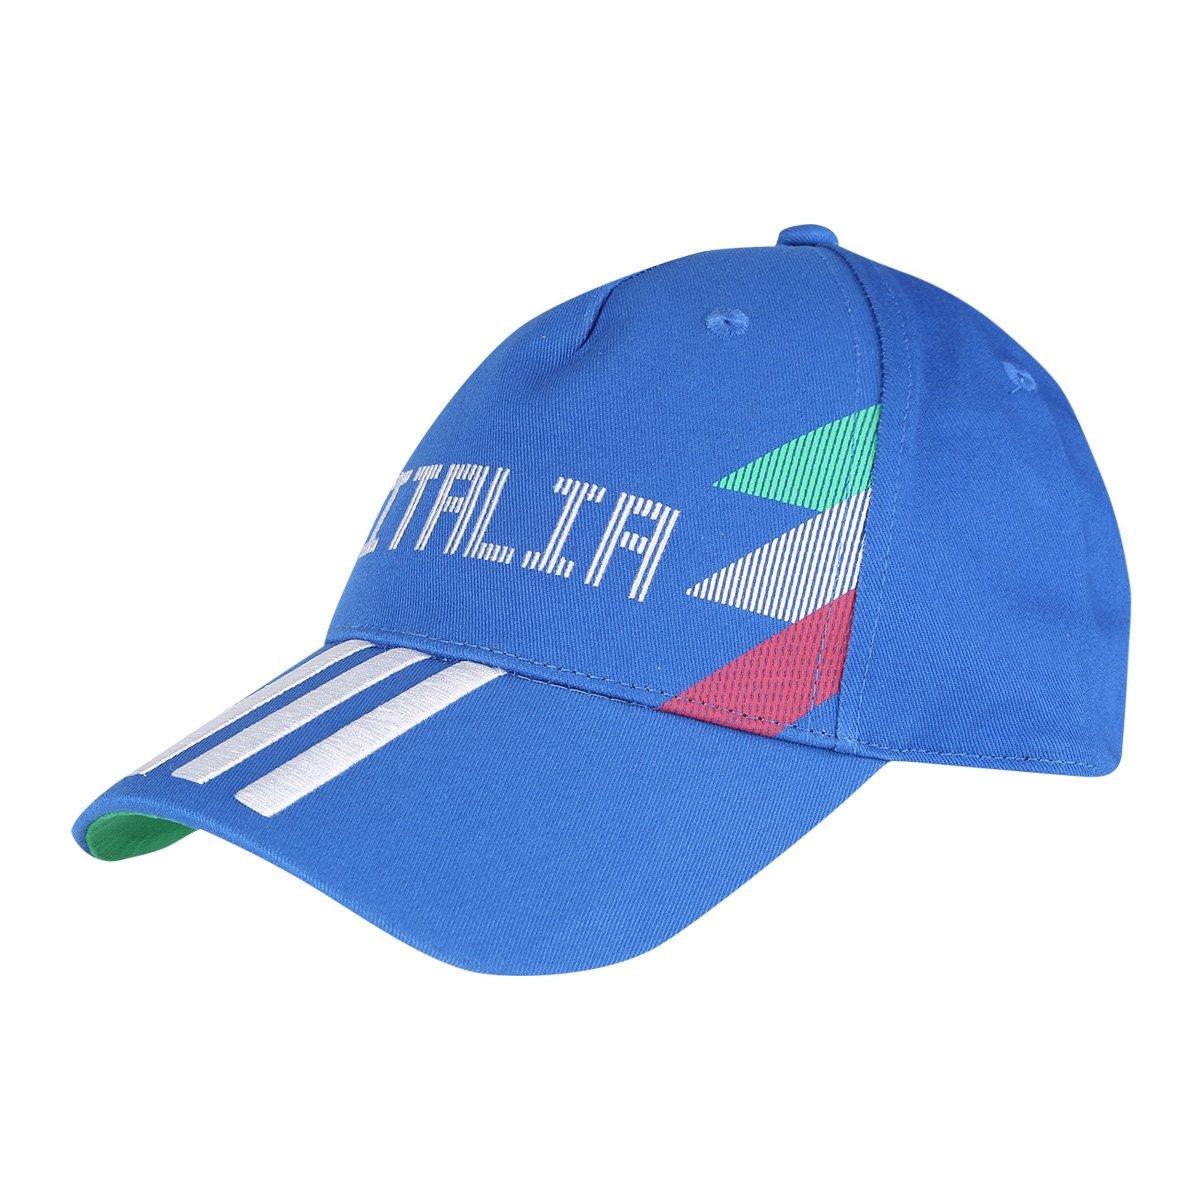 50d2342c94e9a Boné Adidas Itália 3 Stripes Aba Curva | Allianz Parque Shop